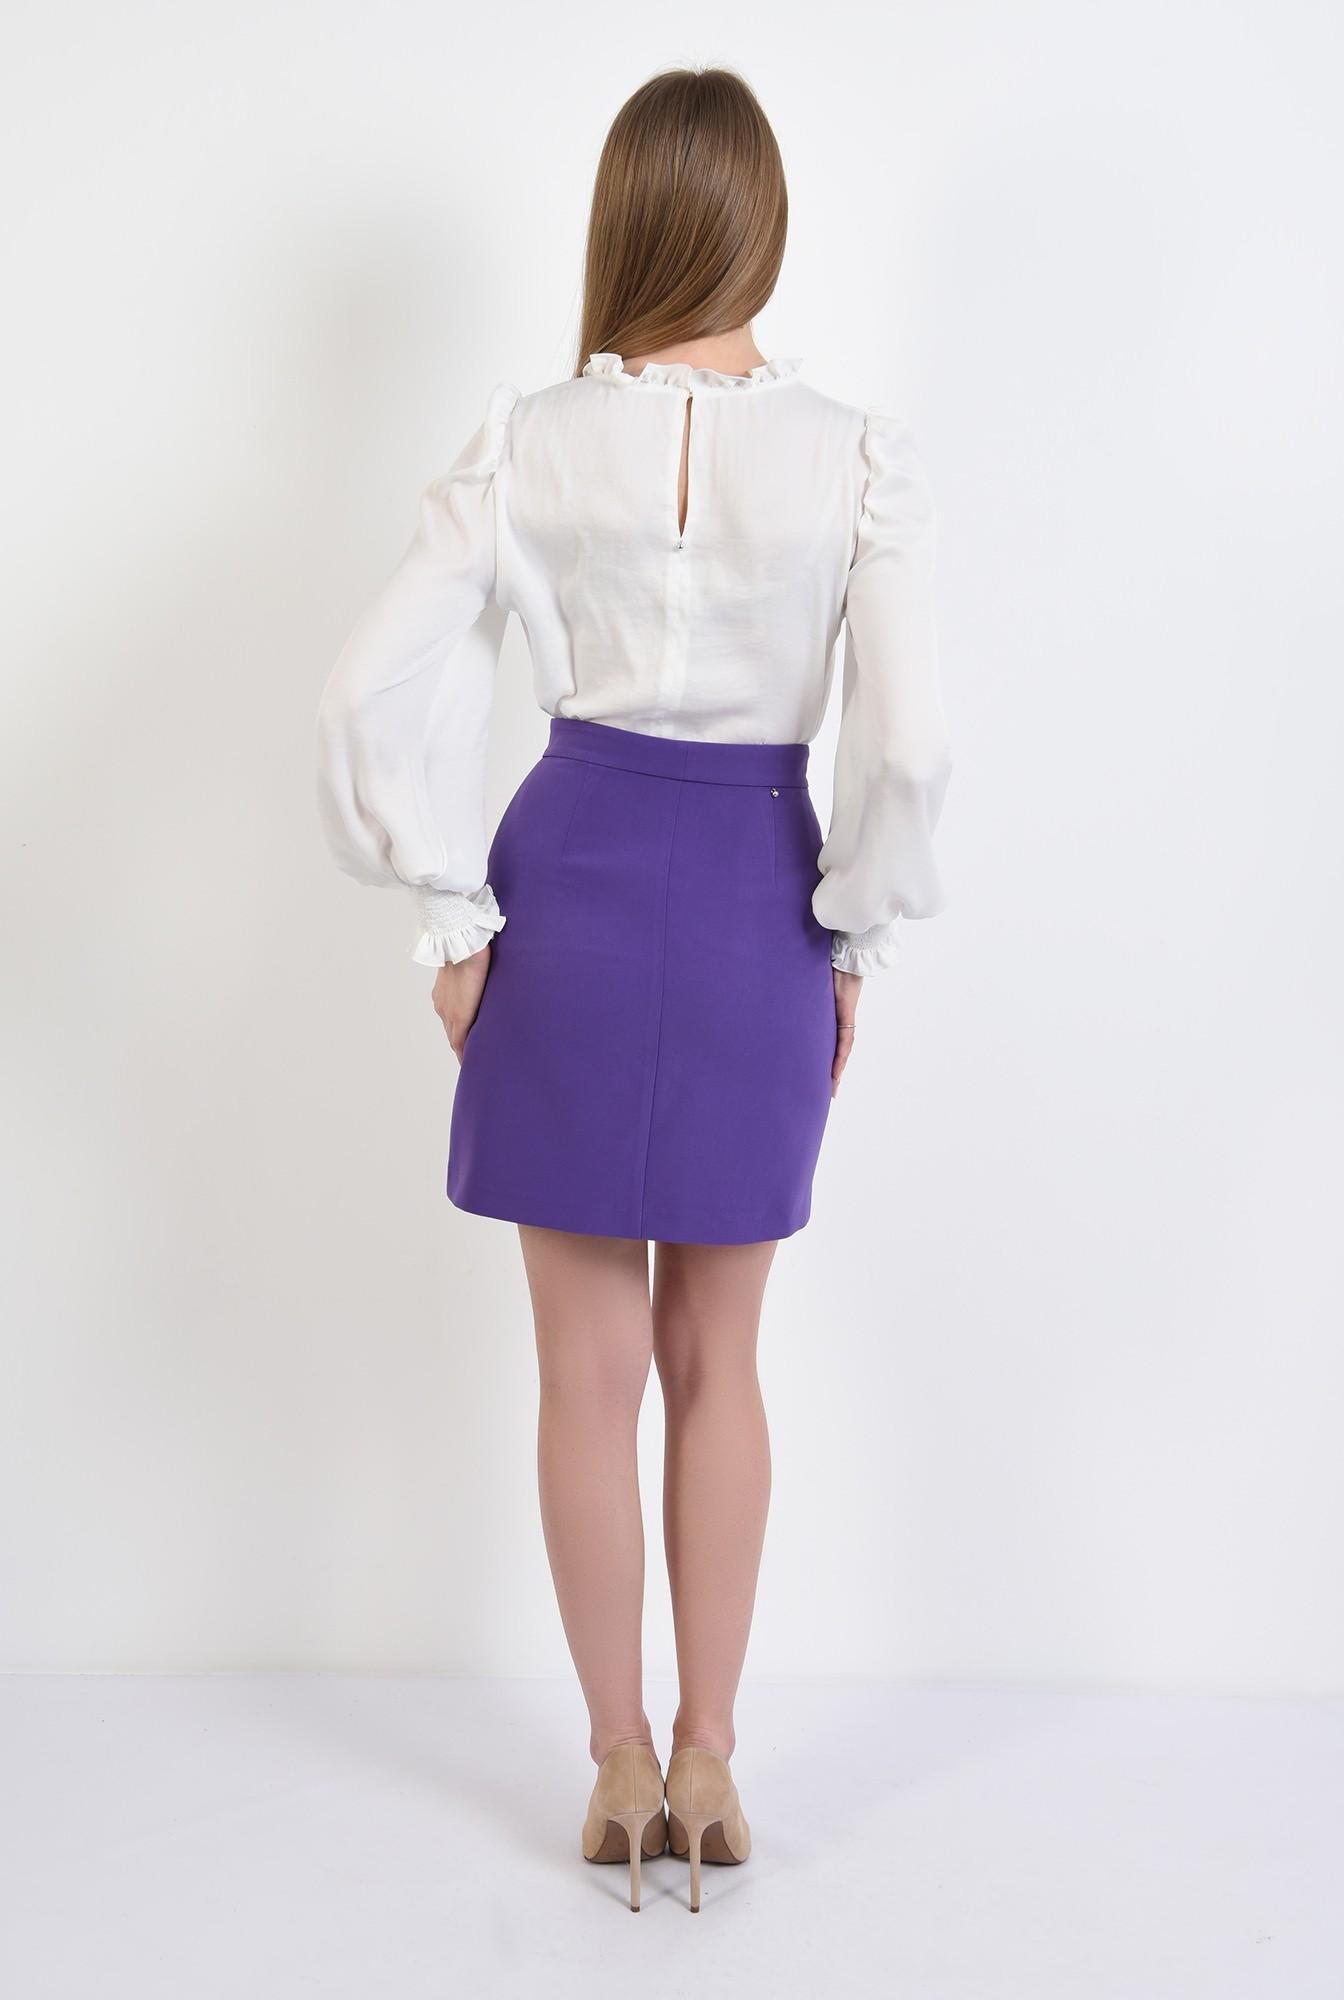 1 - bluza casual, satinata, cu guler incretit, maneci lungi, ivoar